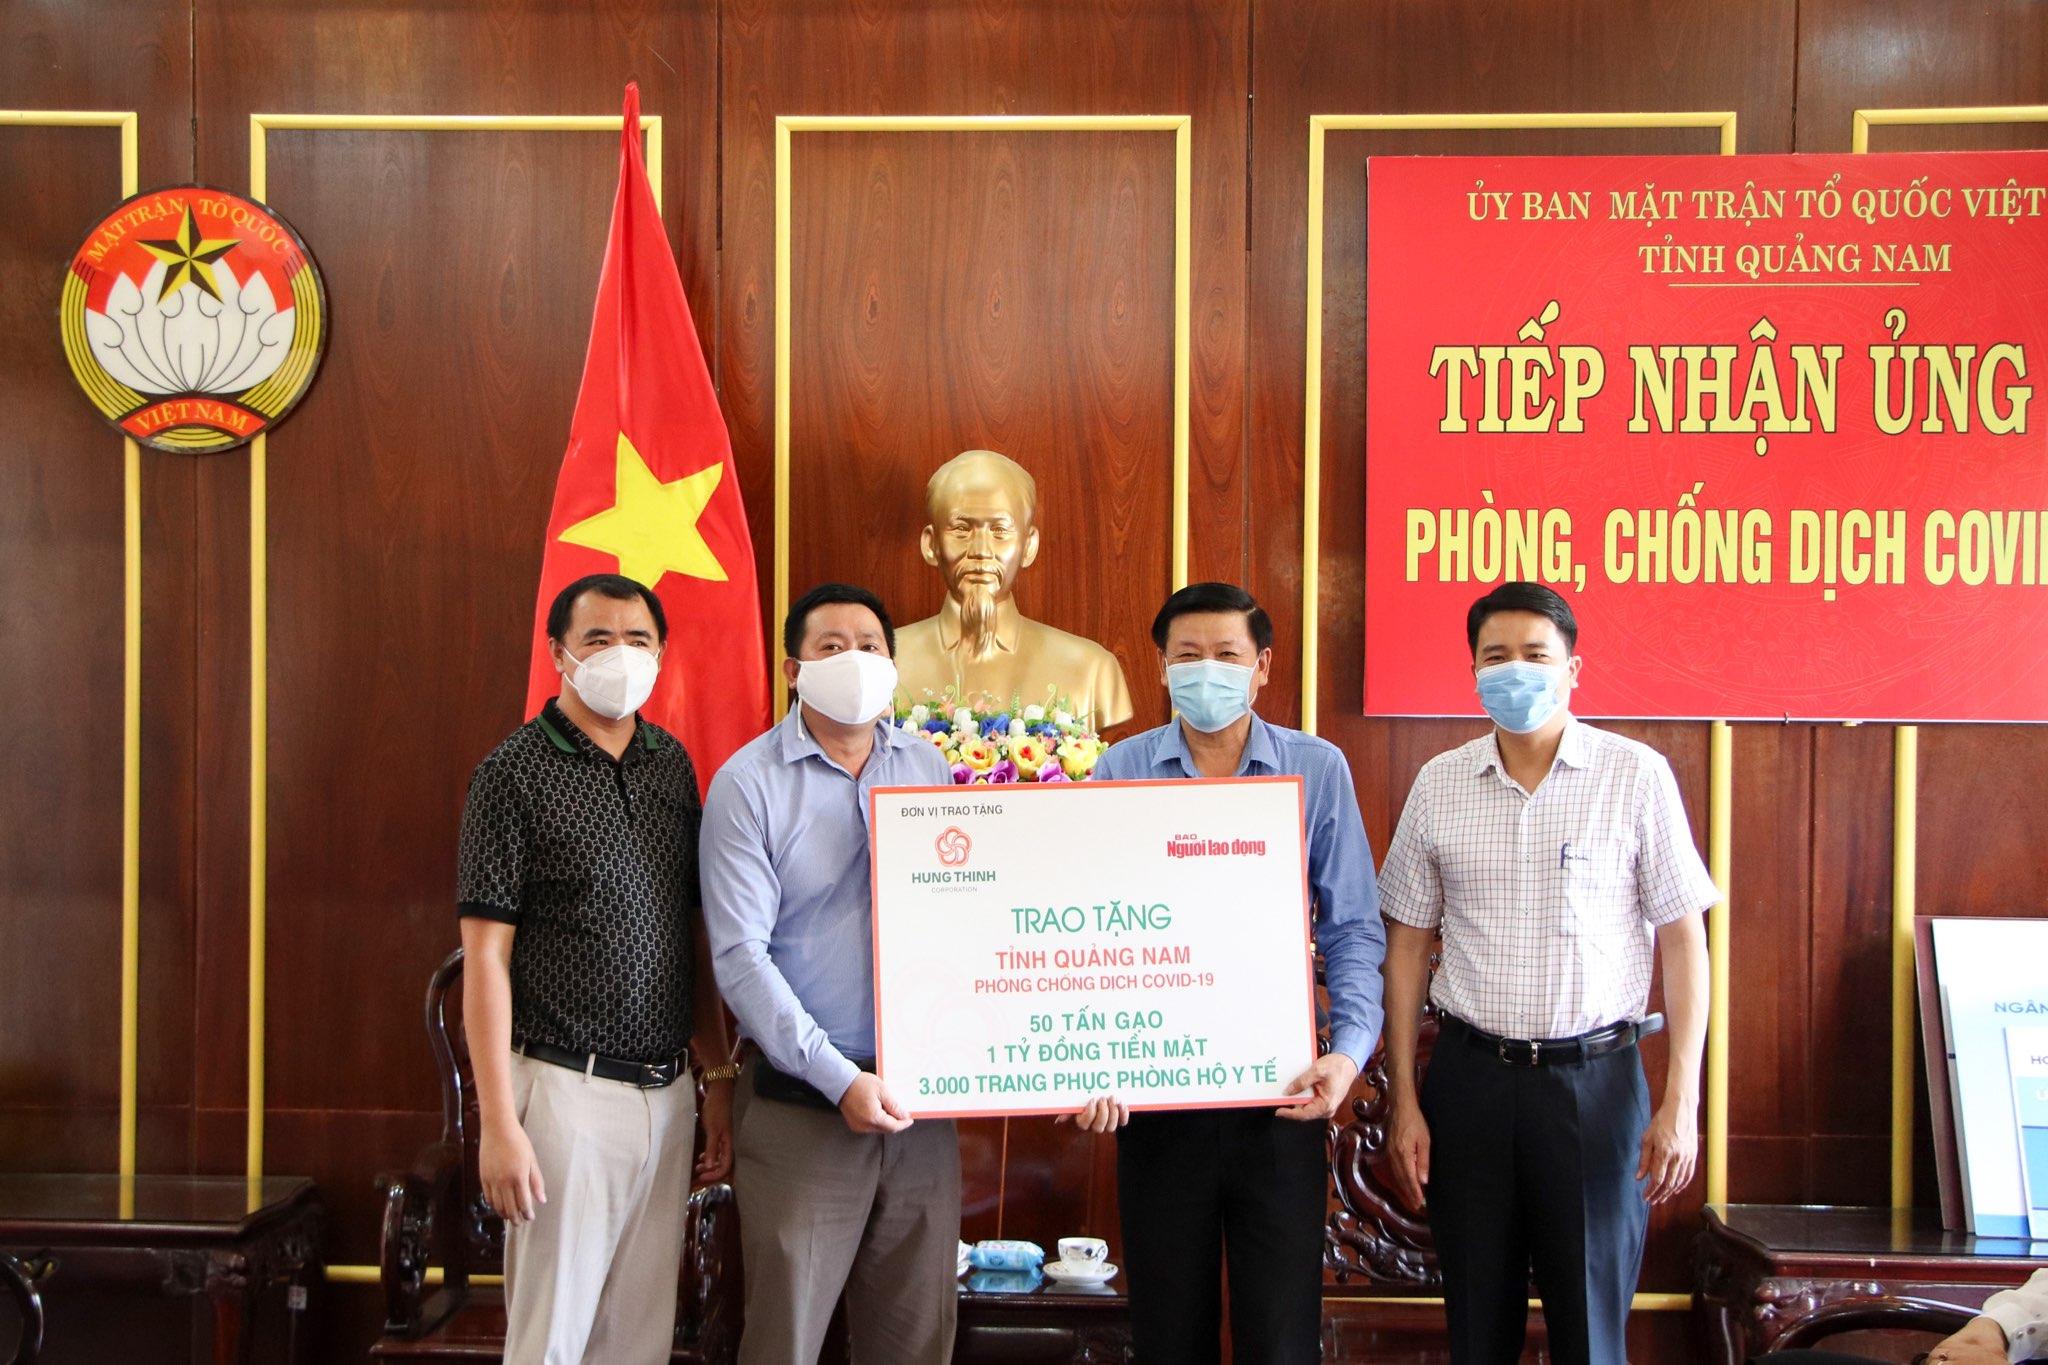 Tập đoàn Hưng Thịnh tiếp sức TP Đà Nẵng và tỉnh Quảng Nam phòng chống dịch COVID-19 - Ảnh 4.